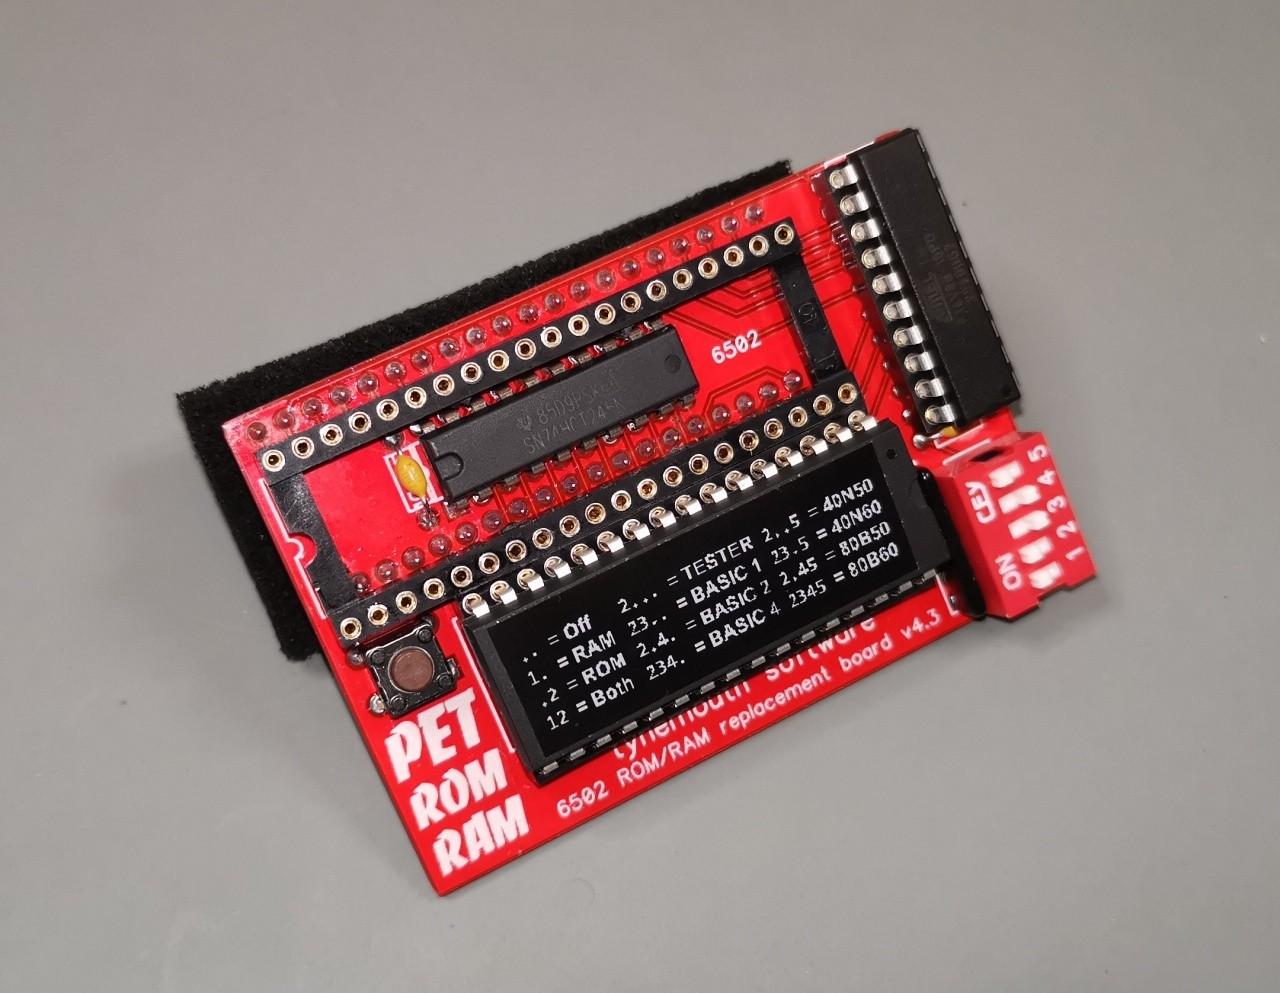 Commodore PET ROM RAM